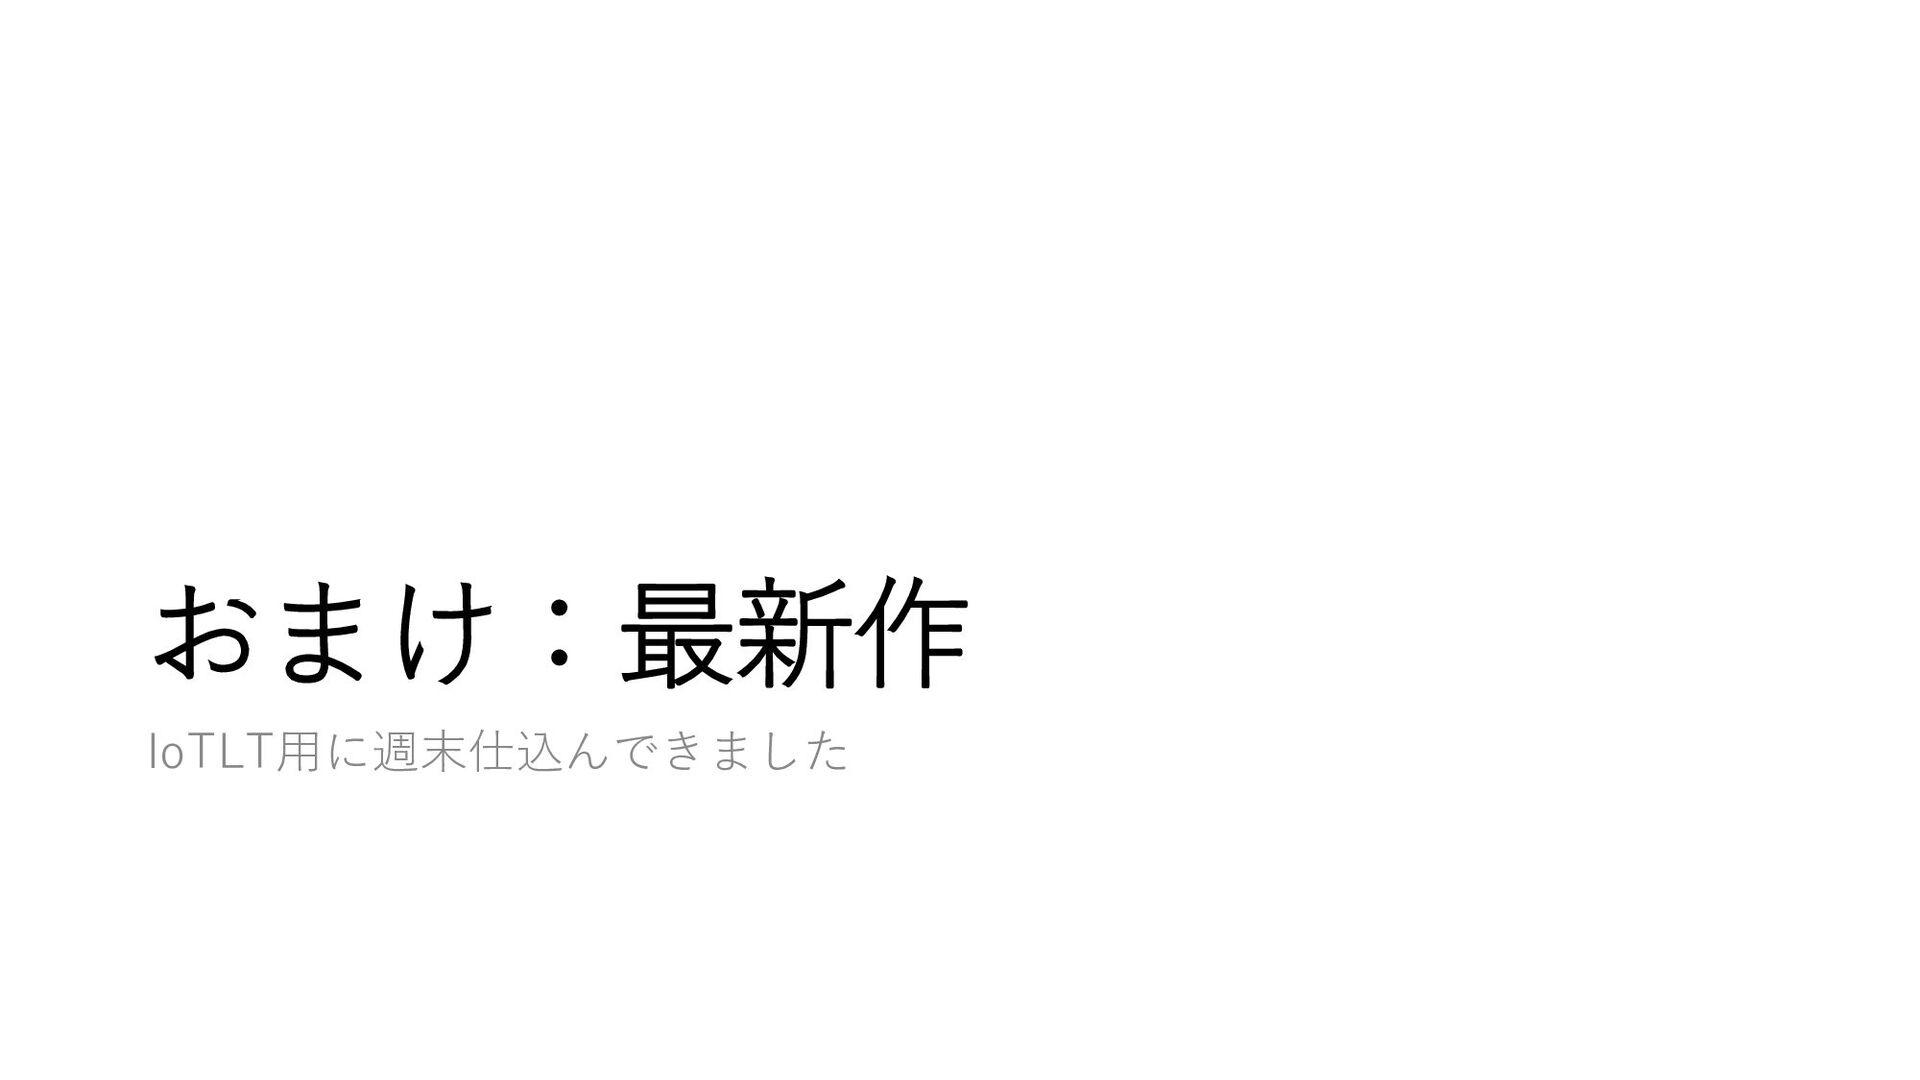 天気+電球=TeNKYU ①人感センサ→天気を色で表現 ⇒うるさくない! ②電球にシステムをま...